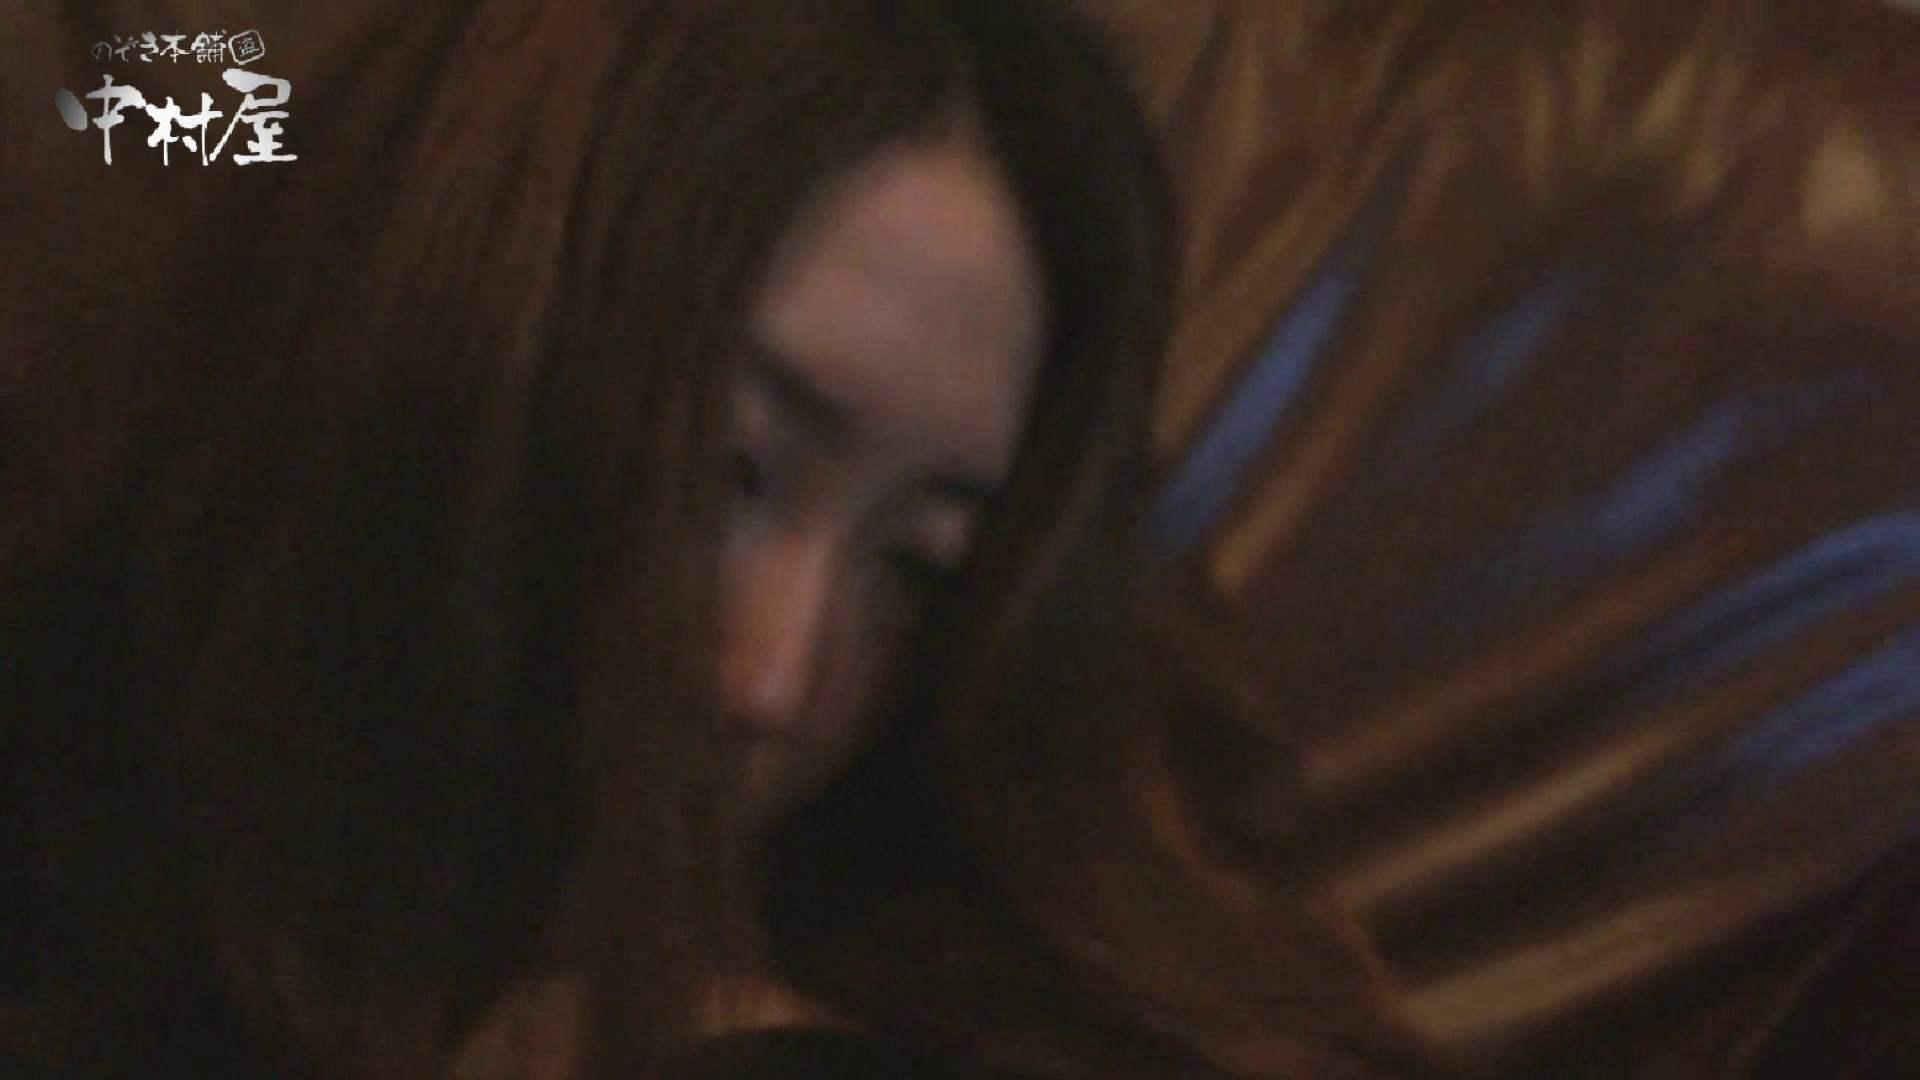 欲望 リアルドール Case.11 Sちゃん現役女子大生19歳 前編 女子大生 | イタズラ  96画像 31